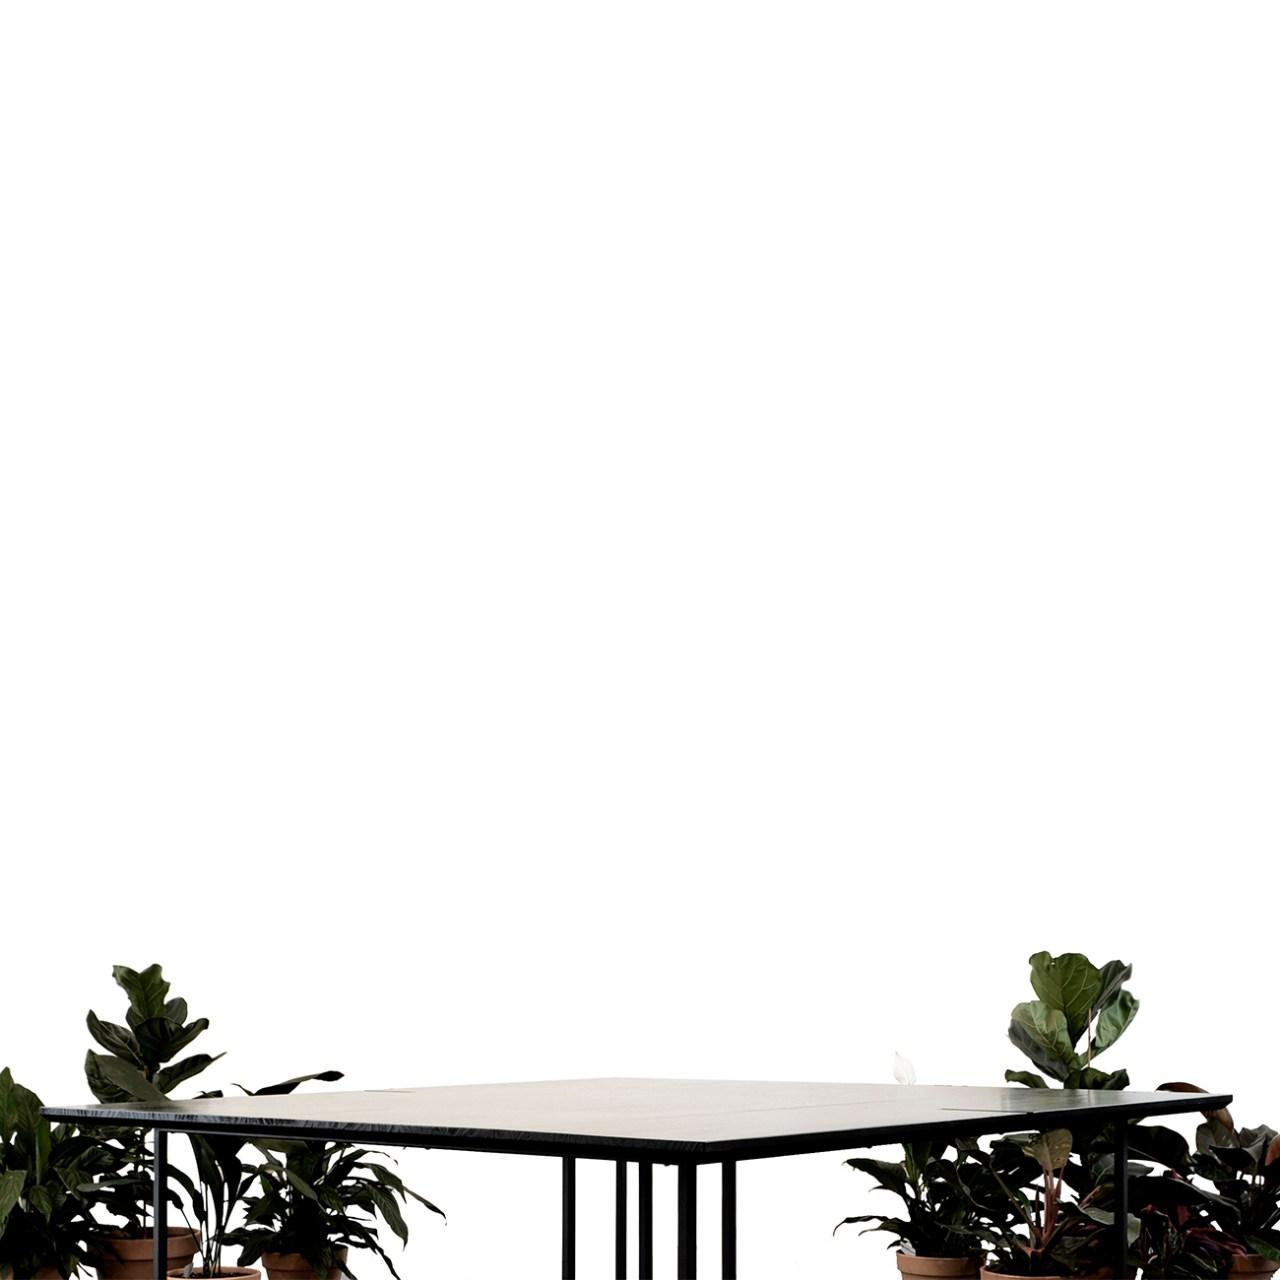 réalisations honei architecture burbuja honei seville